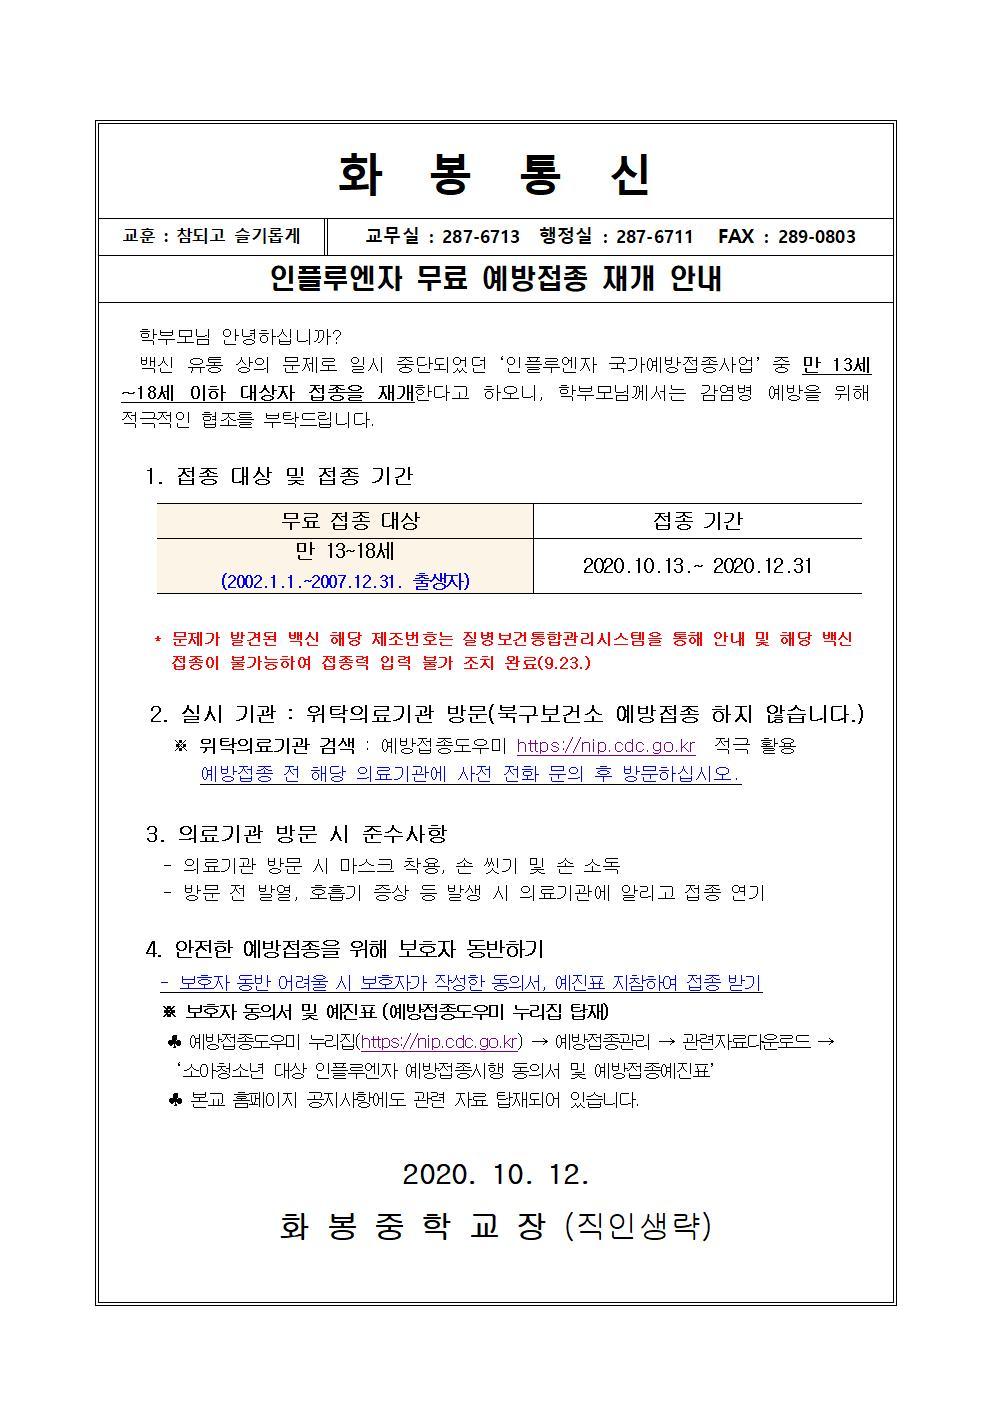 인플루엔자 무료 예방접종 재개 안내001